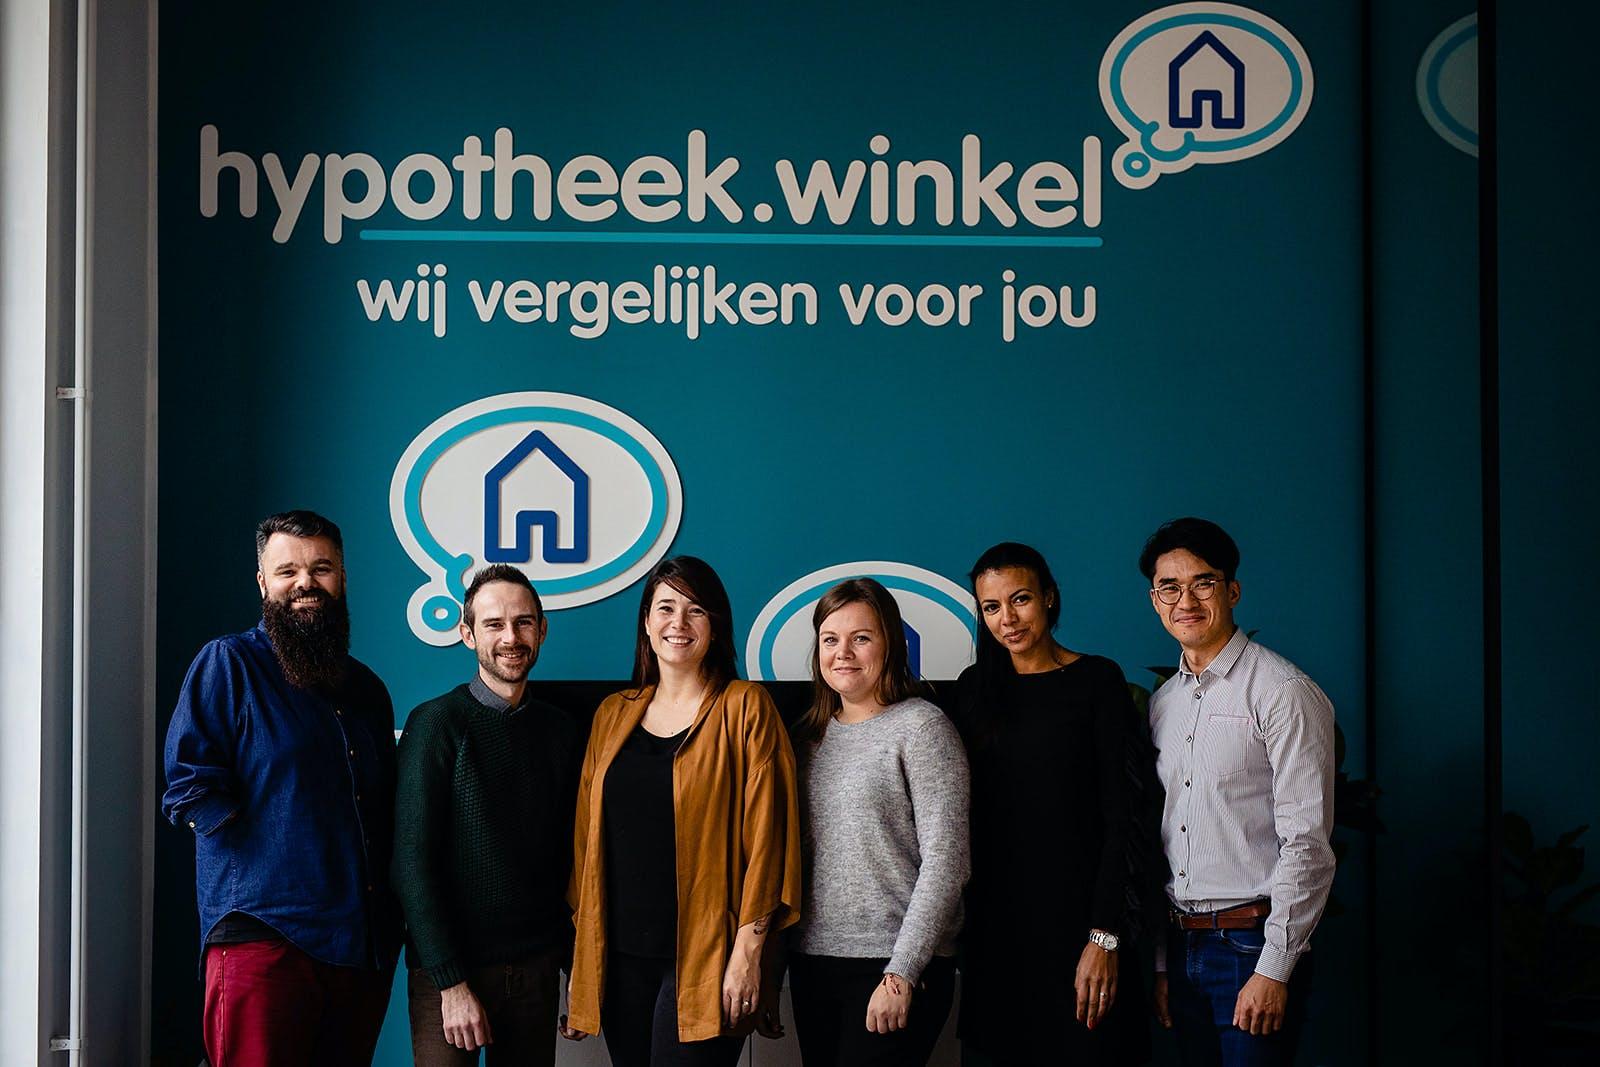 hypotheek.winkel team